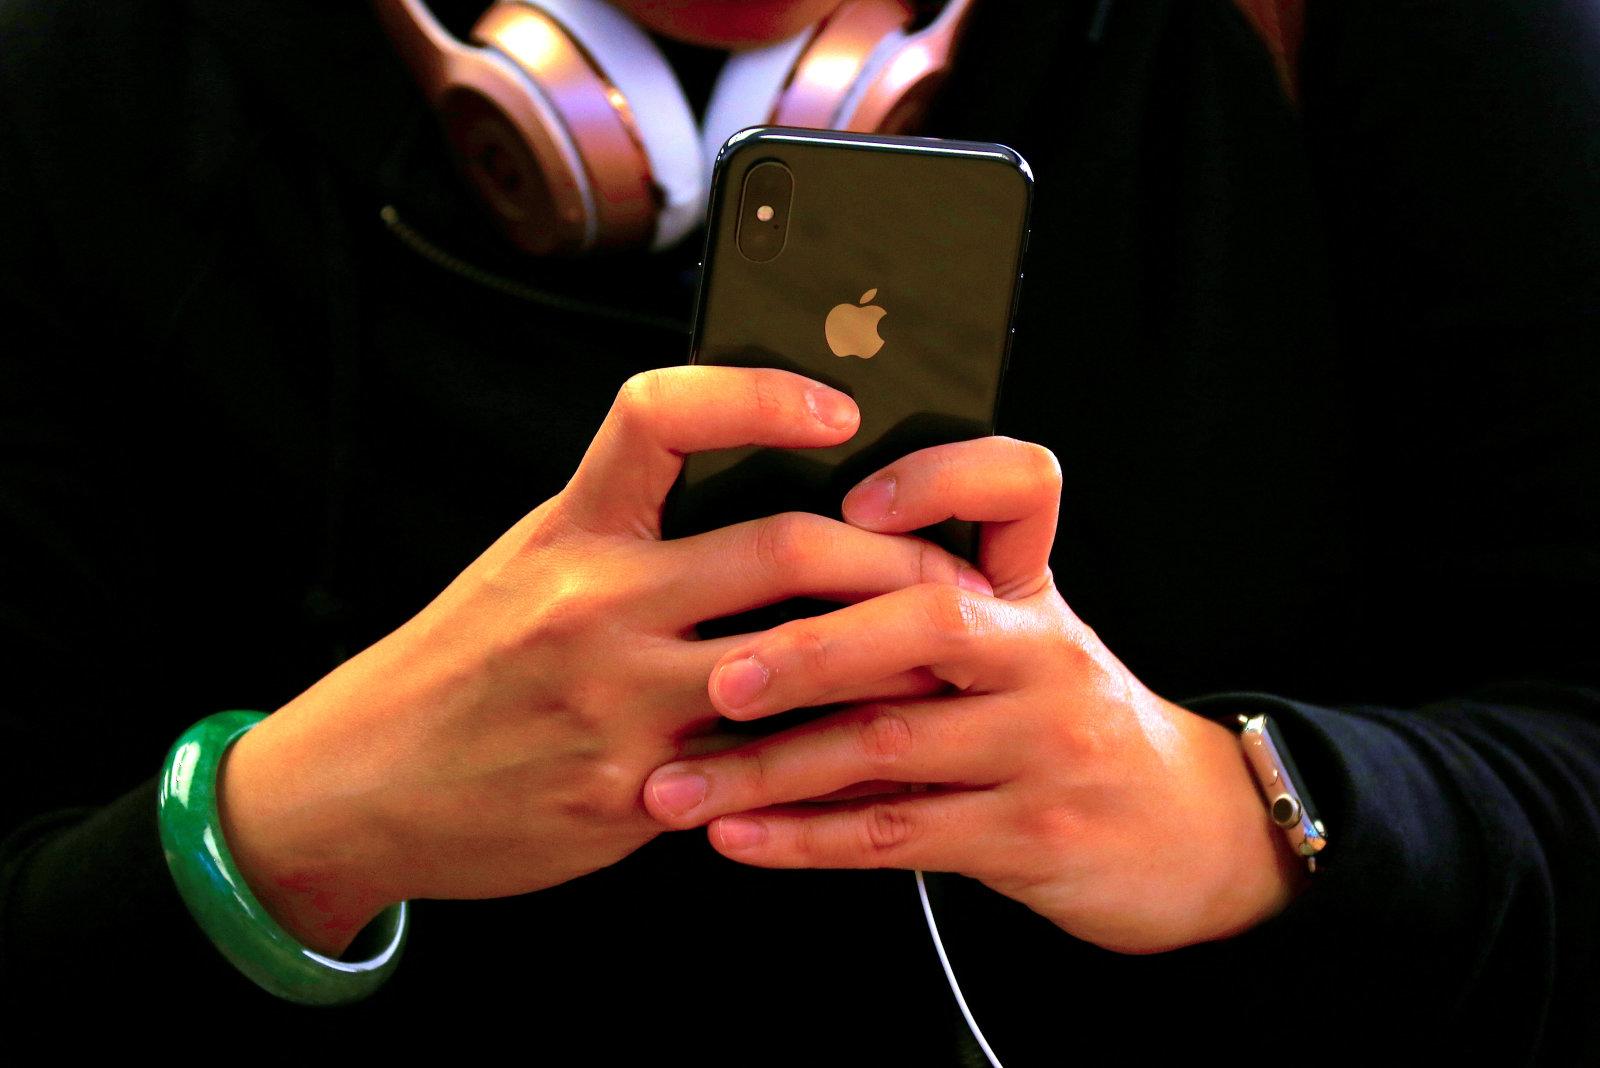 新iPhoneは市場コンセンサスより売れる?「3年以上前の機種が3億台近く買い替え」とのアナリスト予測